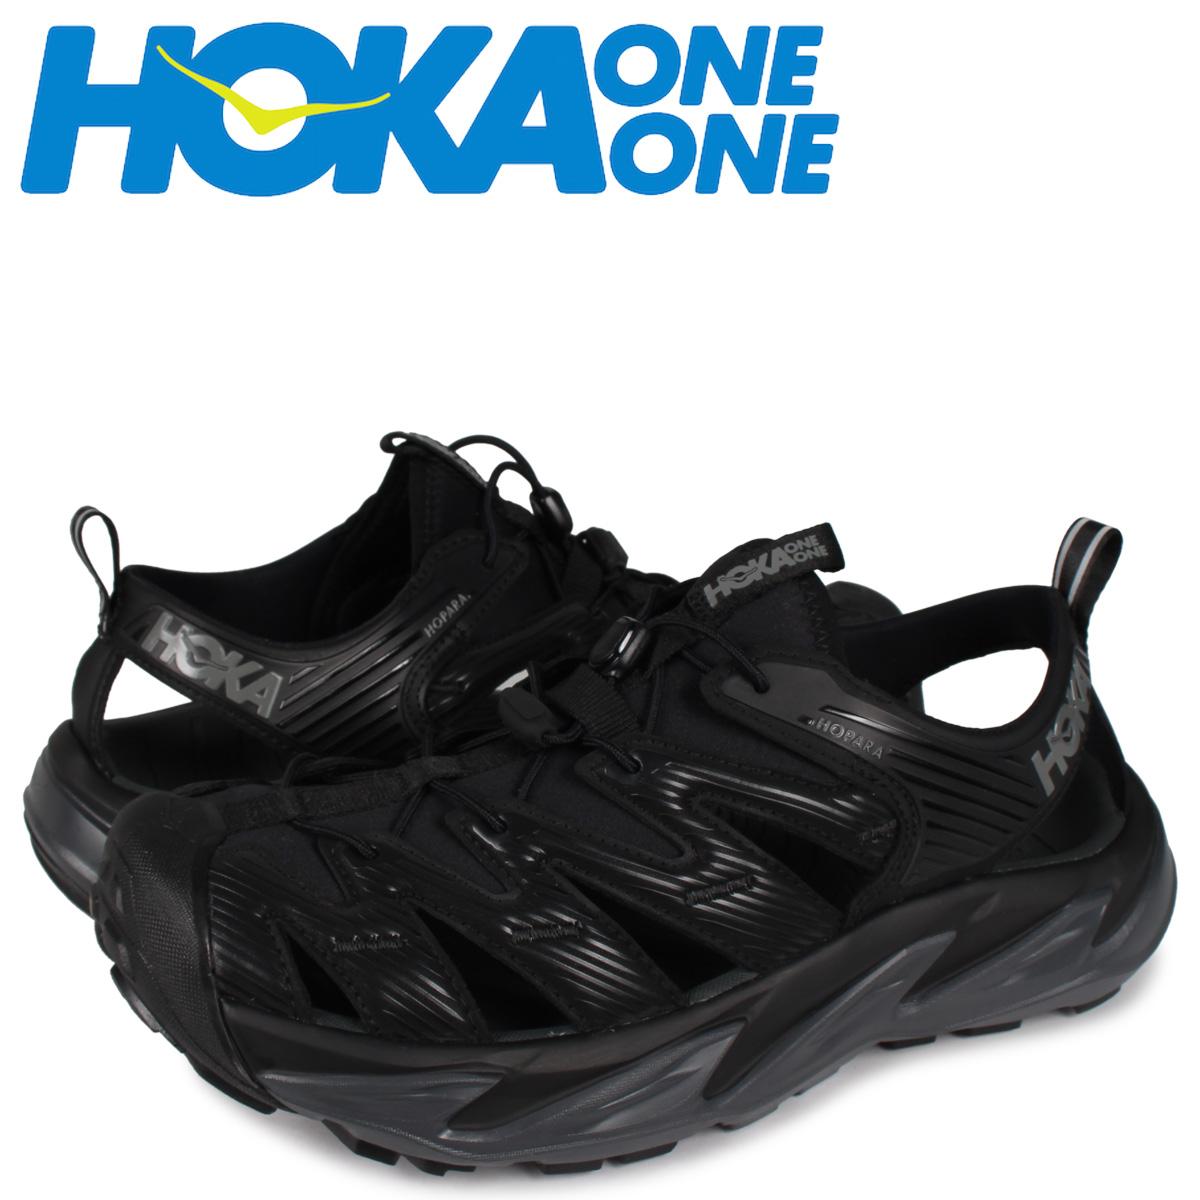 【最大600円OFFクーポン】 HOKA ONE ONE ホカオネオネ ホパラ サンダル スポーツサンダル メンズ HOPARA ブラック 黒 1106534